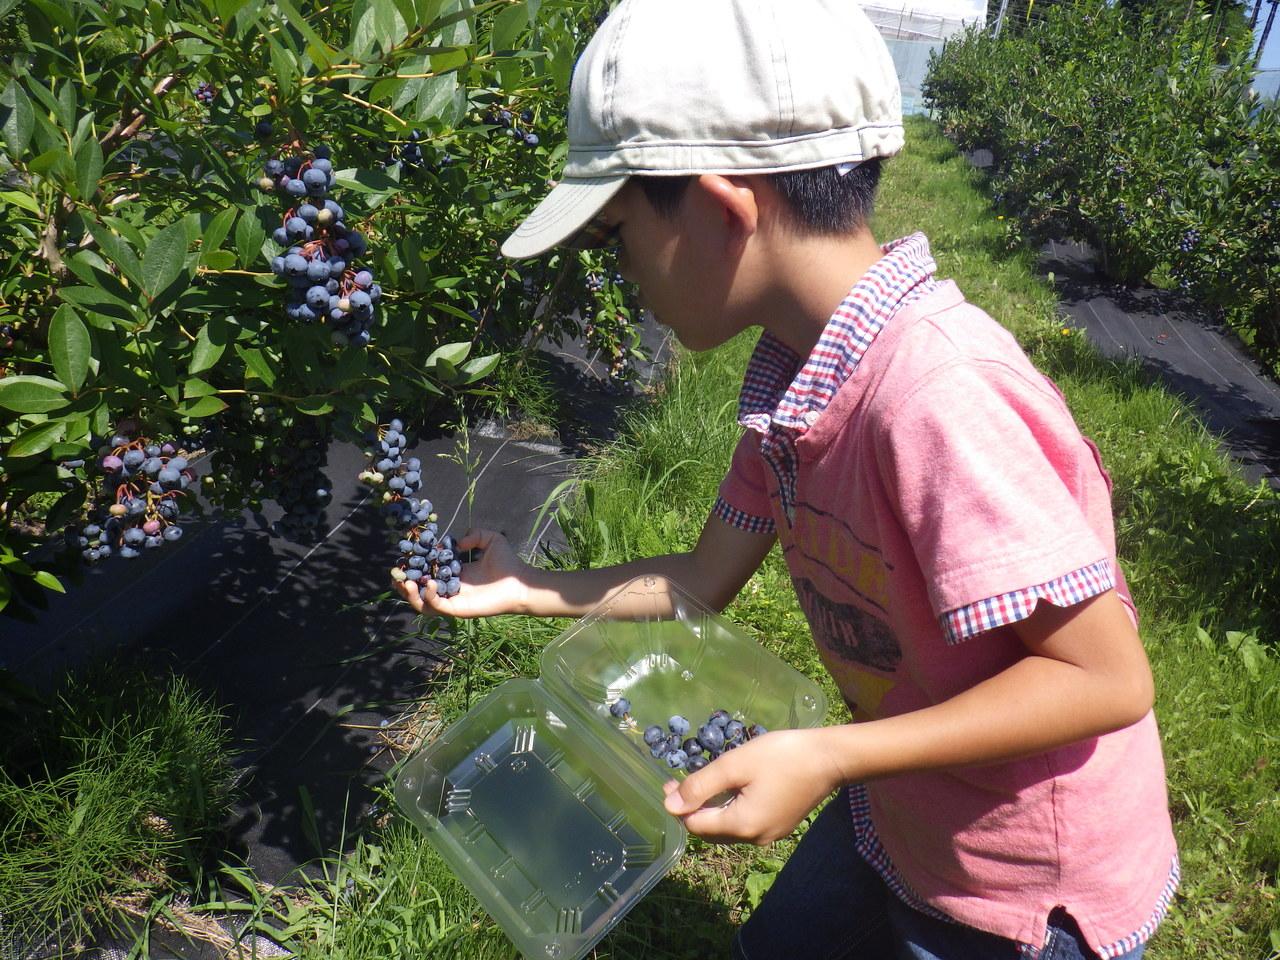 果樹園でブルーベリーを収穫しよう